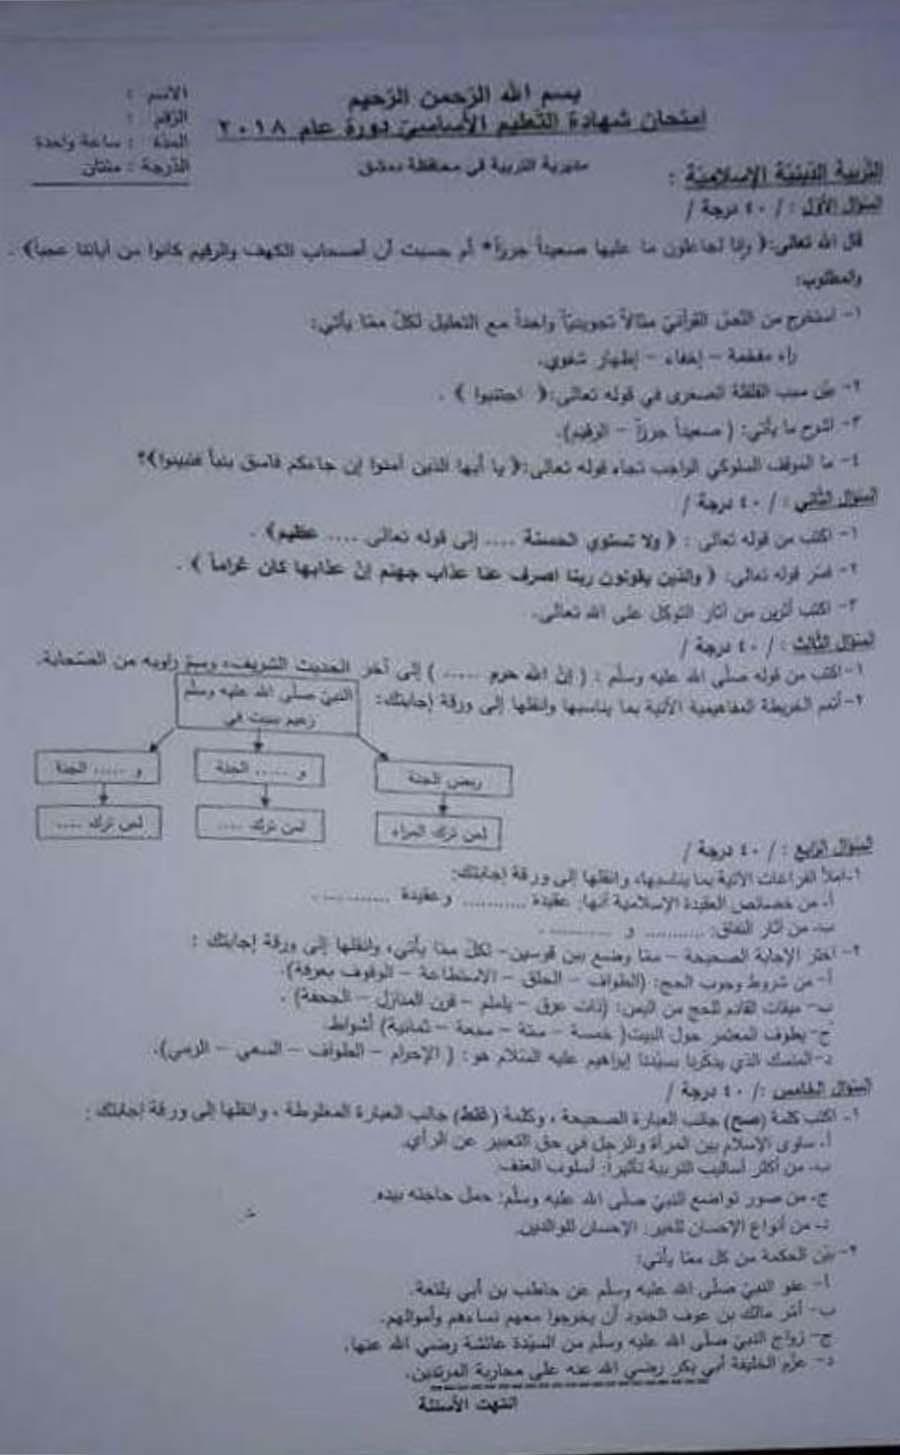 دمشق ورقة اسئلة وزارة التربية للديانة للصف التاسع دورة 2018 - الامتحان النهائي